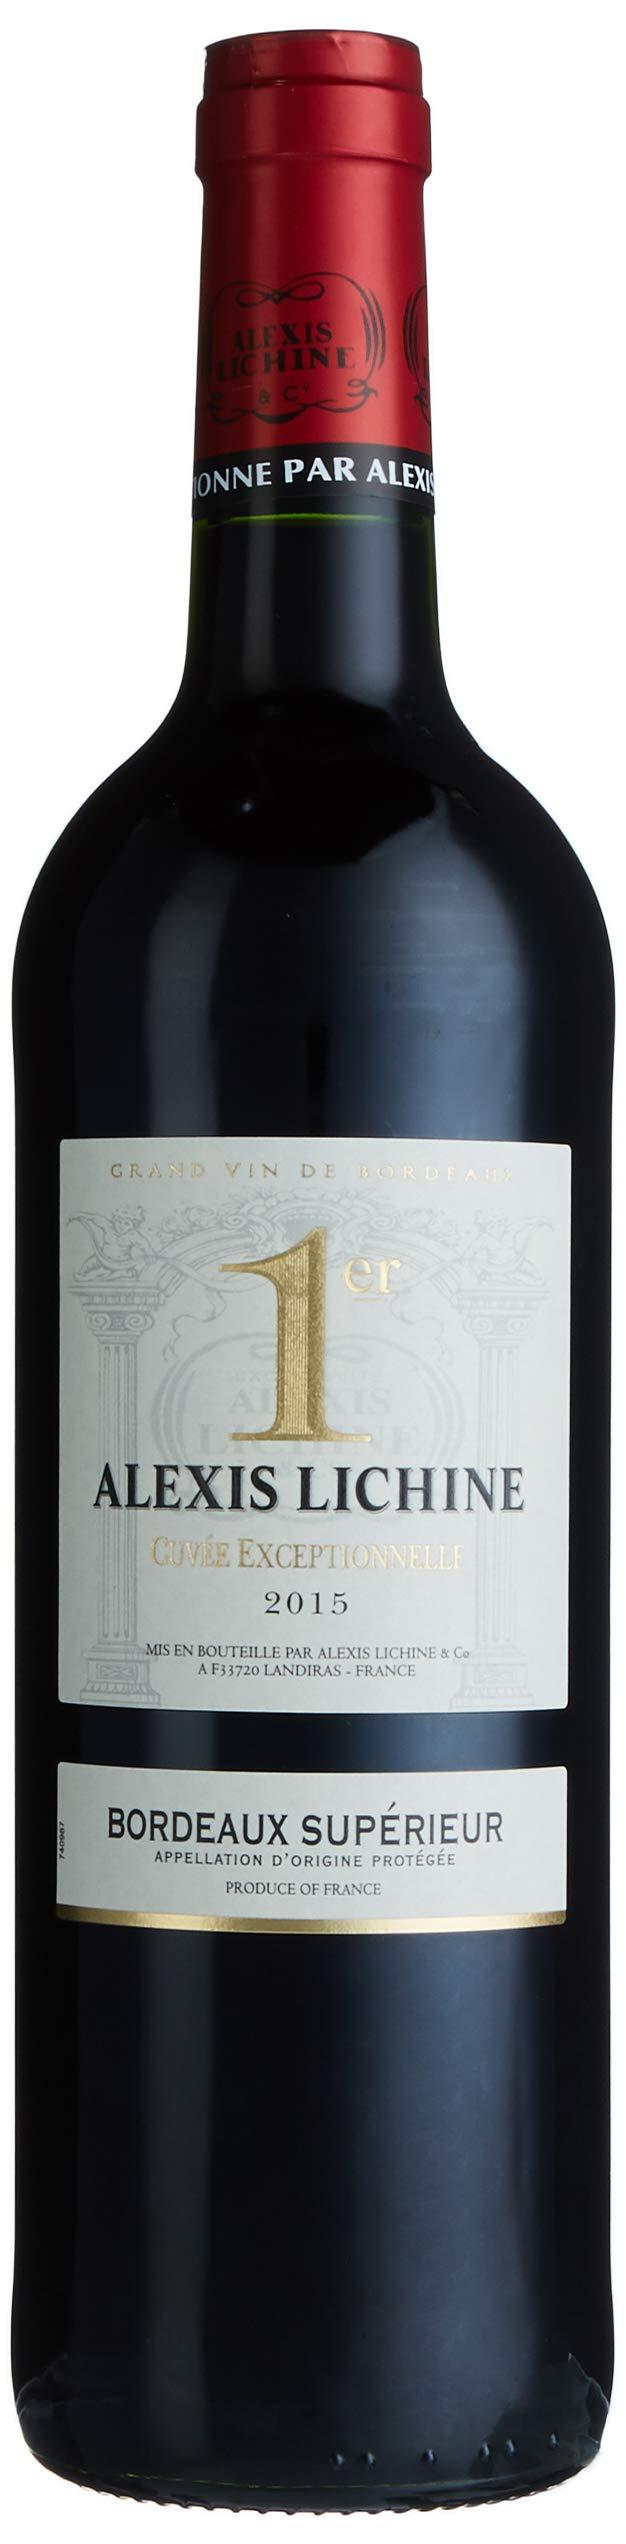 Alexis-Lichine-1er-AOP-Bordeaux-superieur-Merlot-Halbtrocken-6-x-075-l